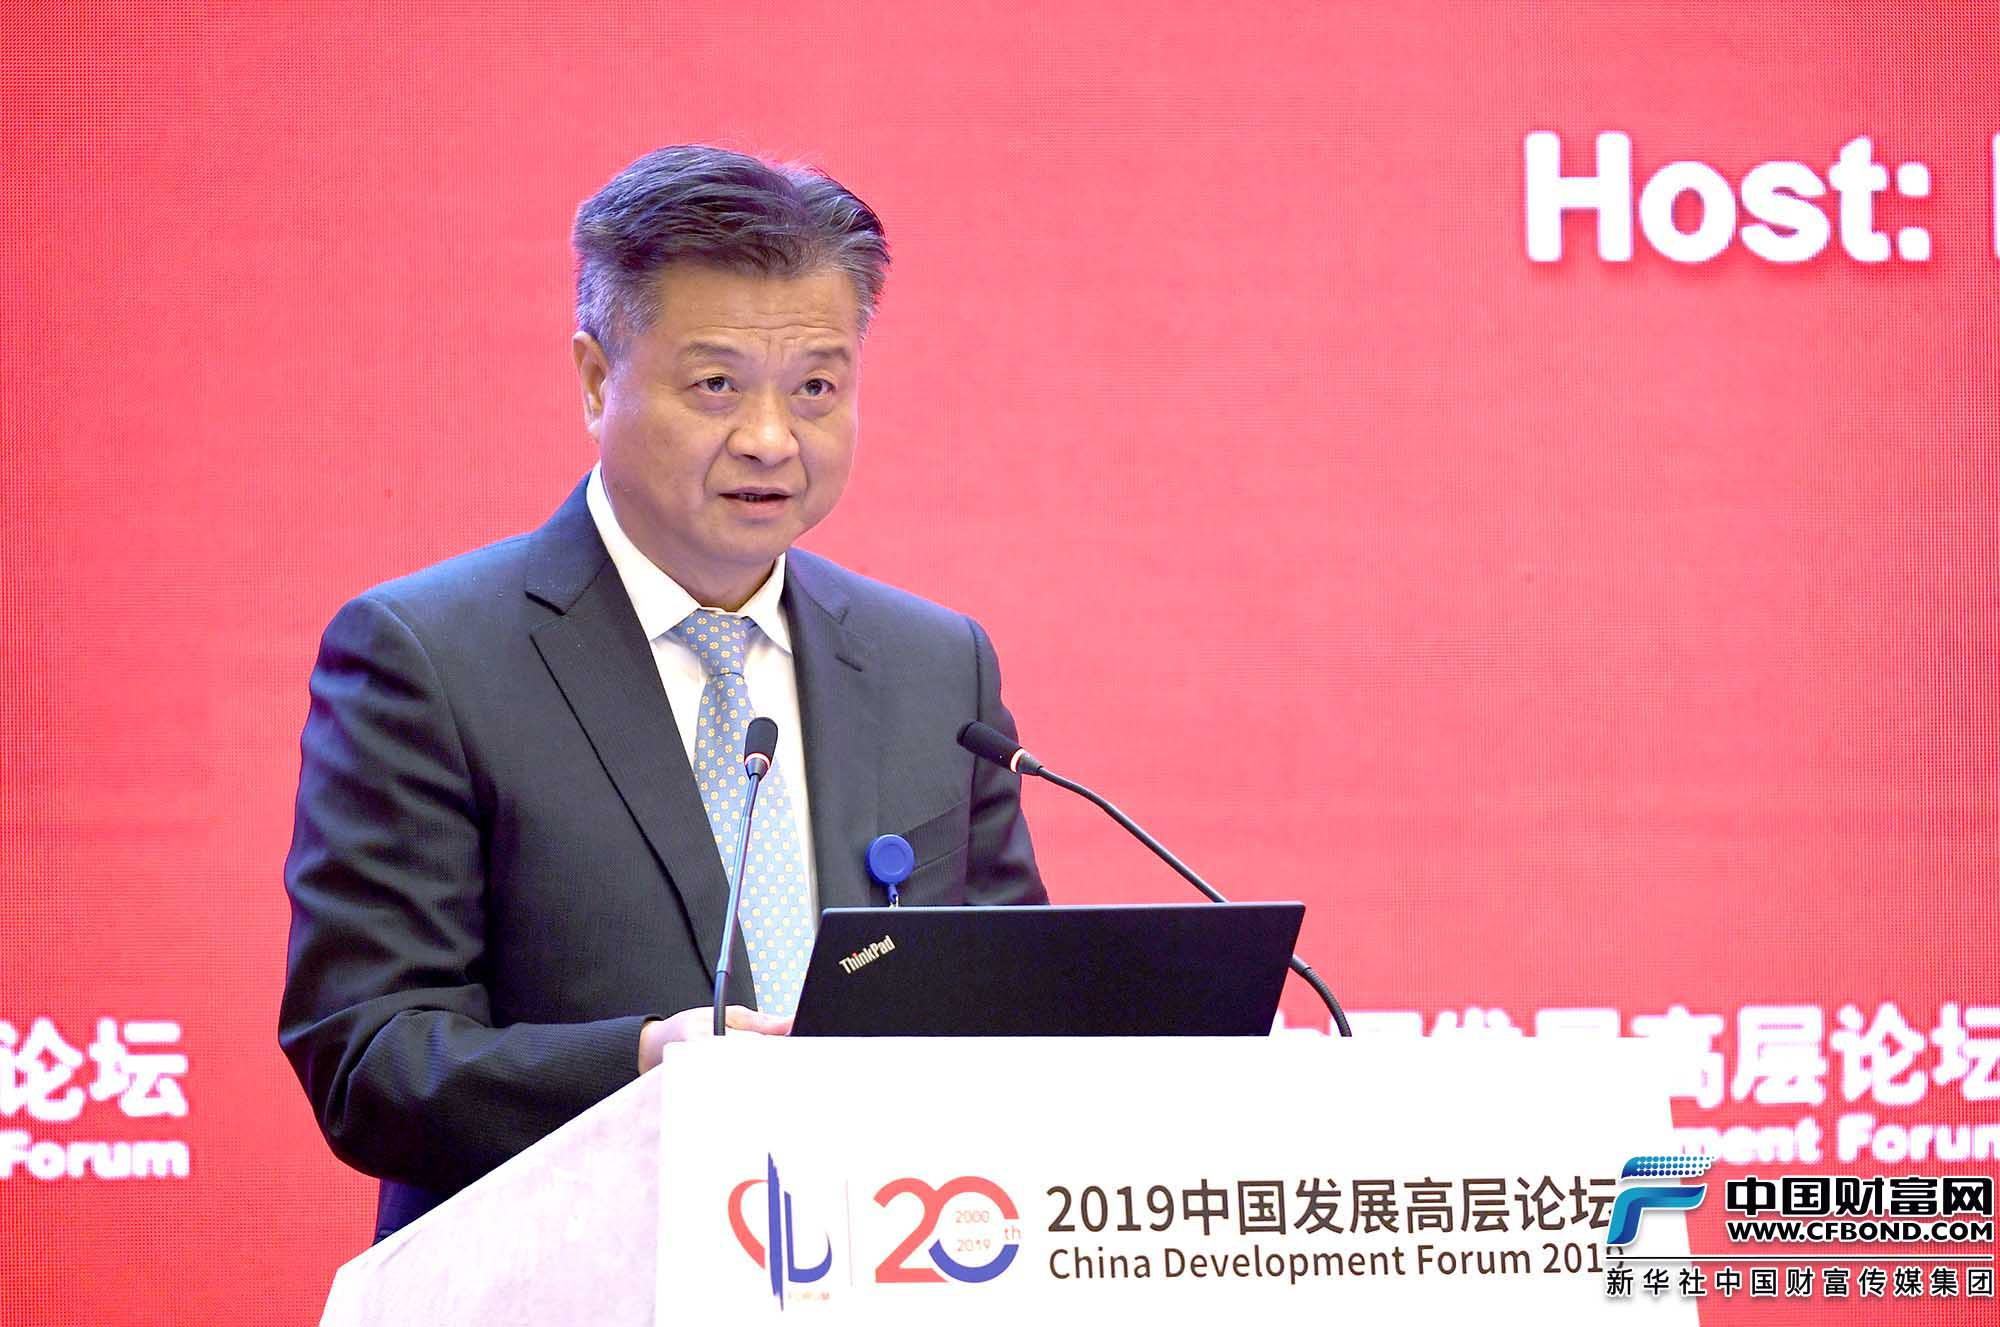 发言人:中国出版集团公司总裁谭跃